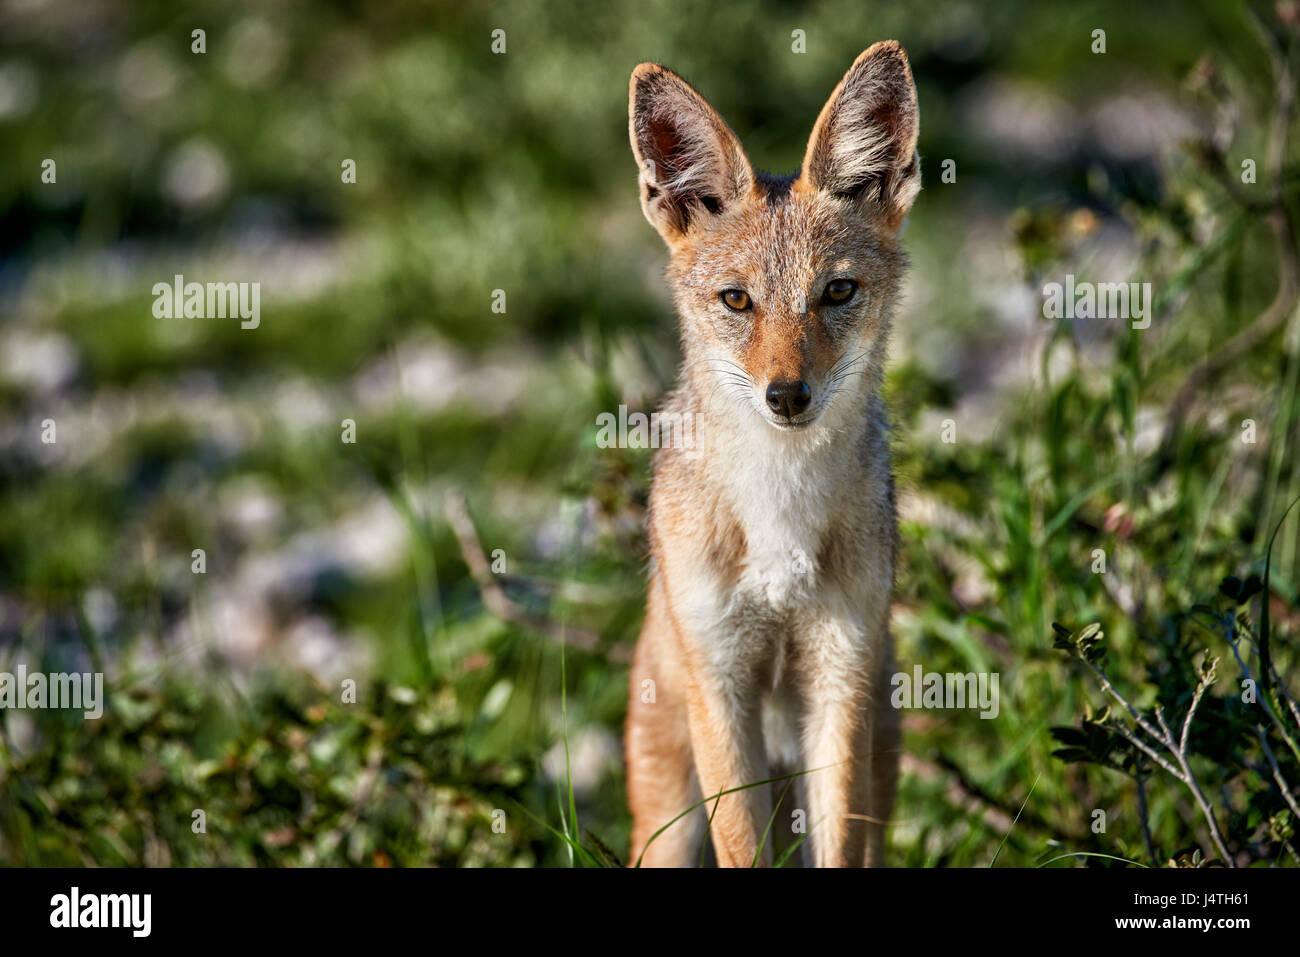 Black-backed jackal, Canis mesomelas, Etosha National Park, Namibia - Stock Image